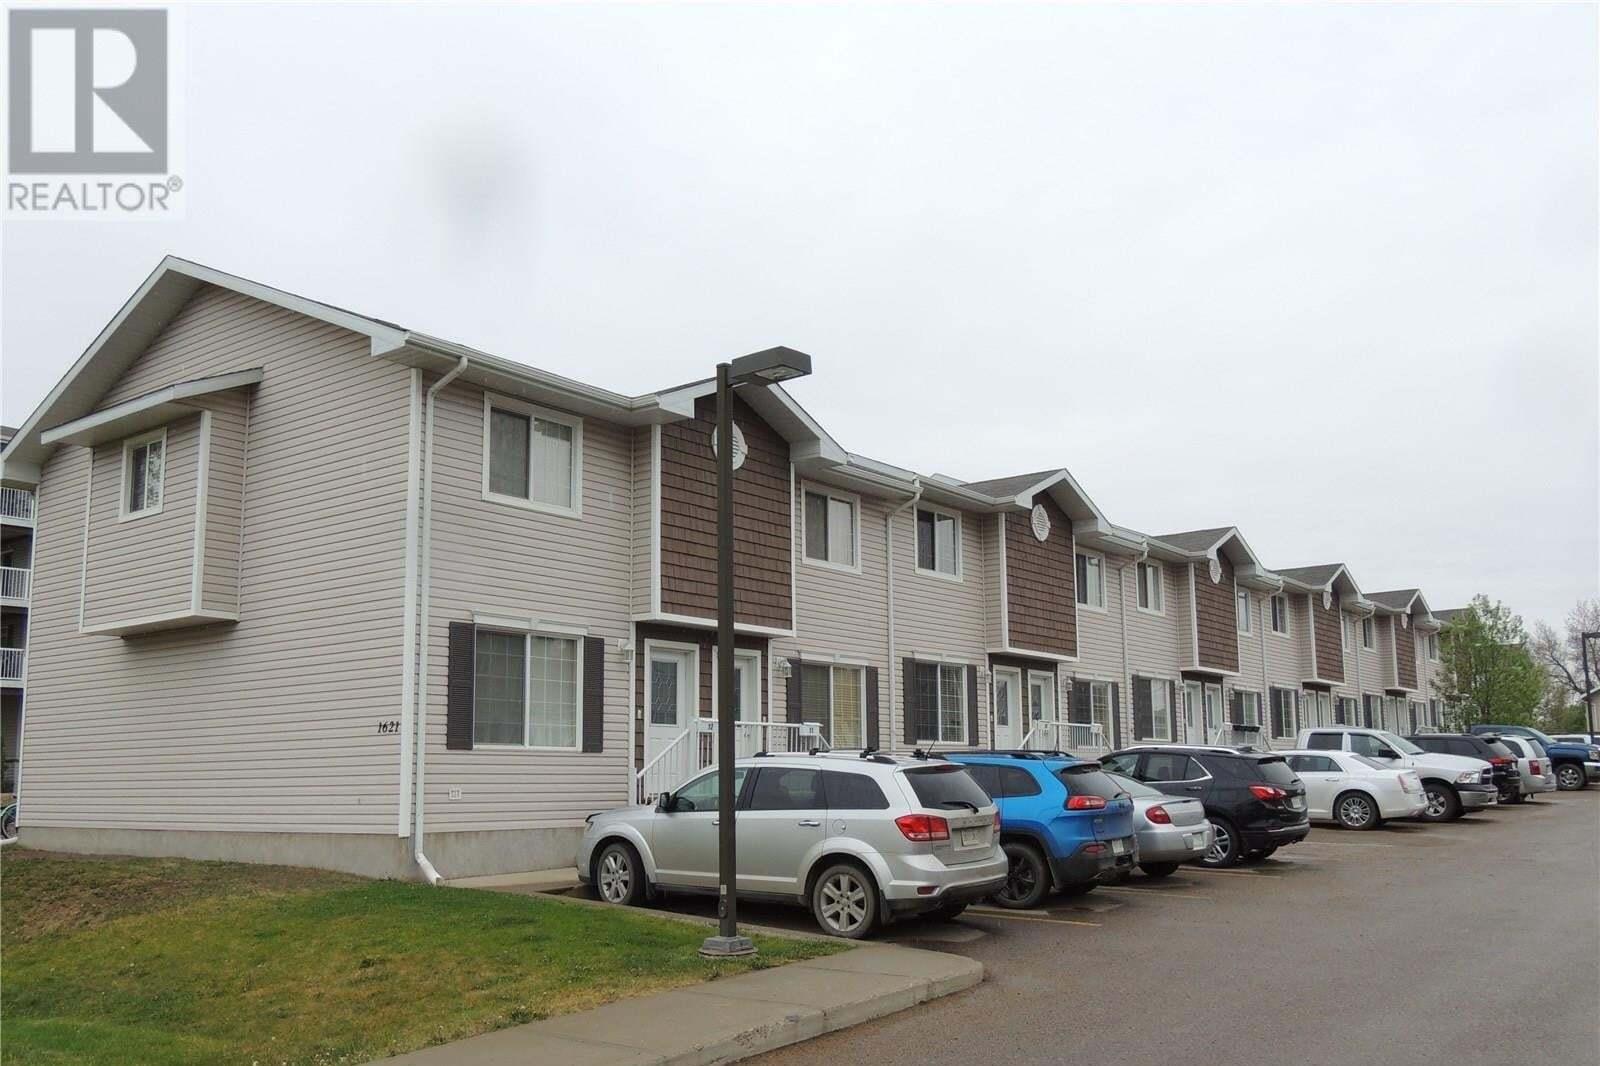 Townhouse for sale at 1621 1st St Unit 2 Estevan Saskatchewan - MLS: SK809821